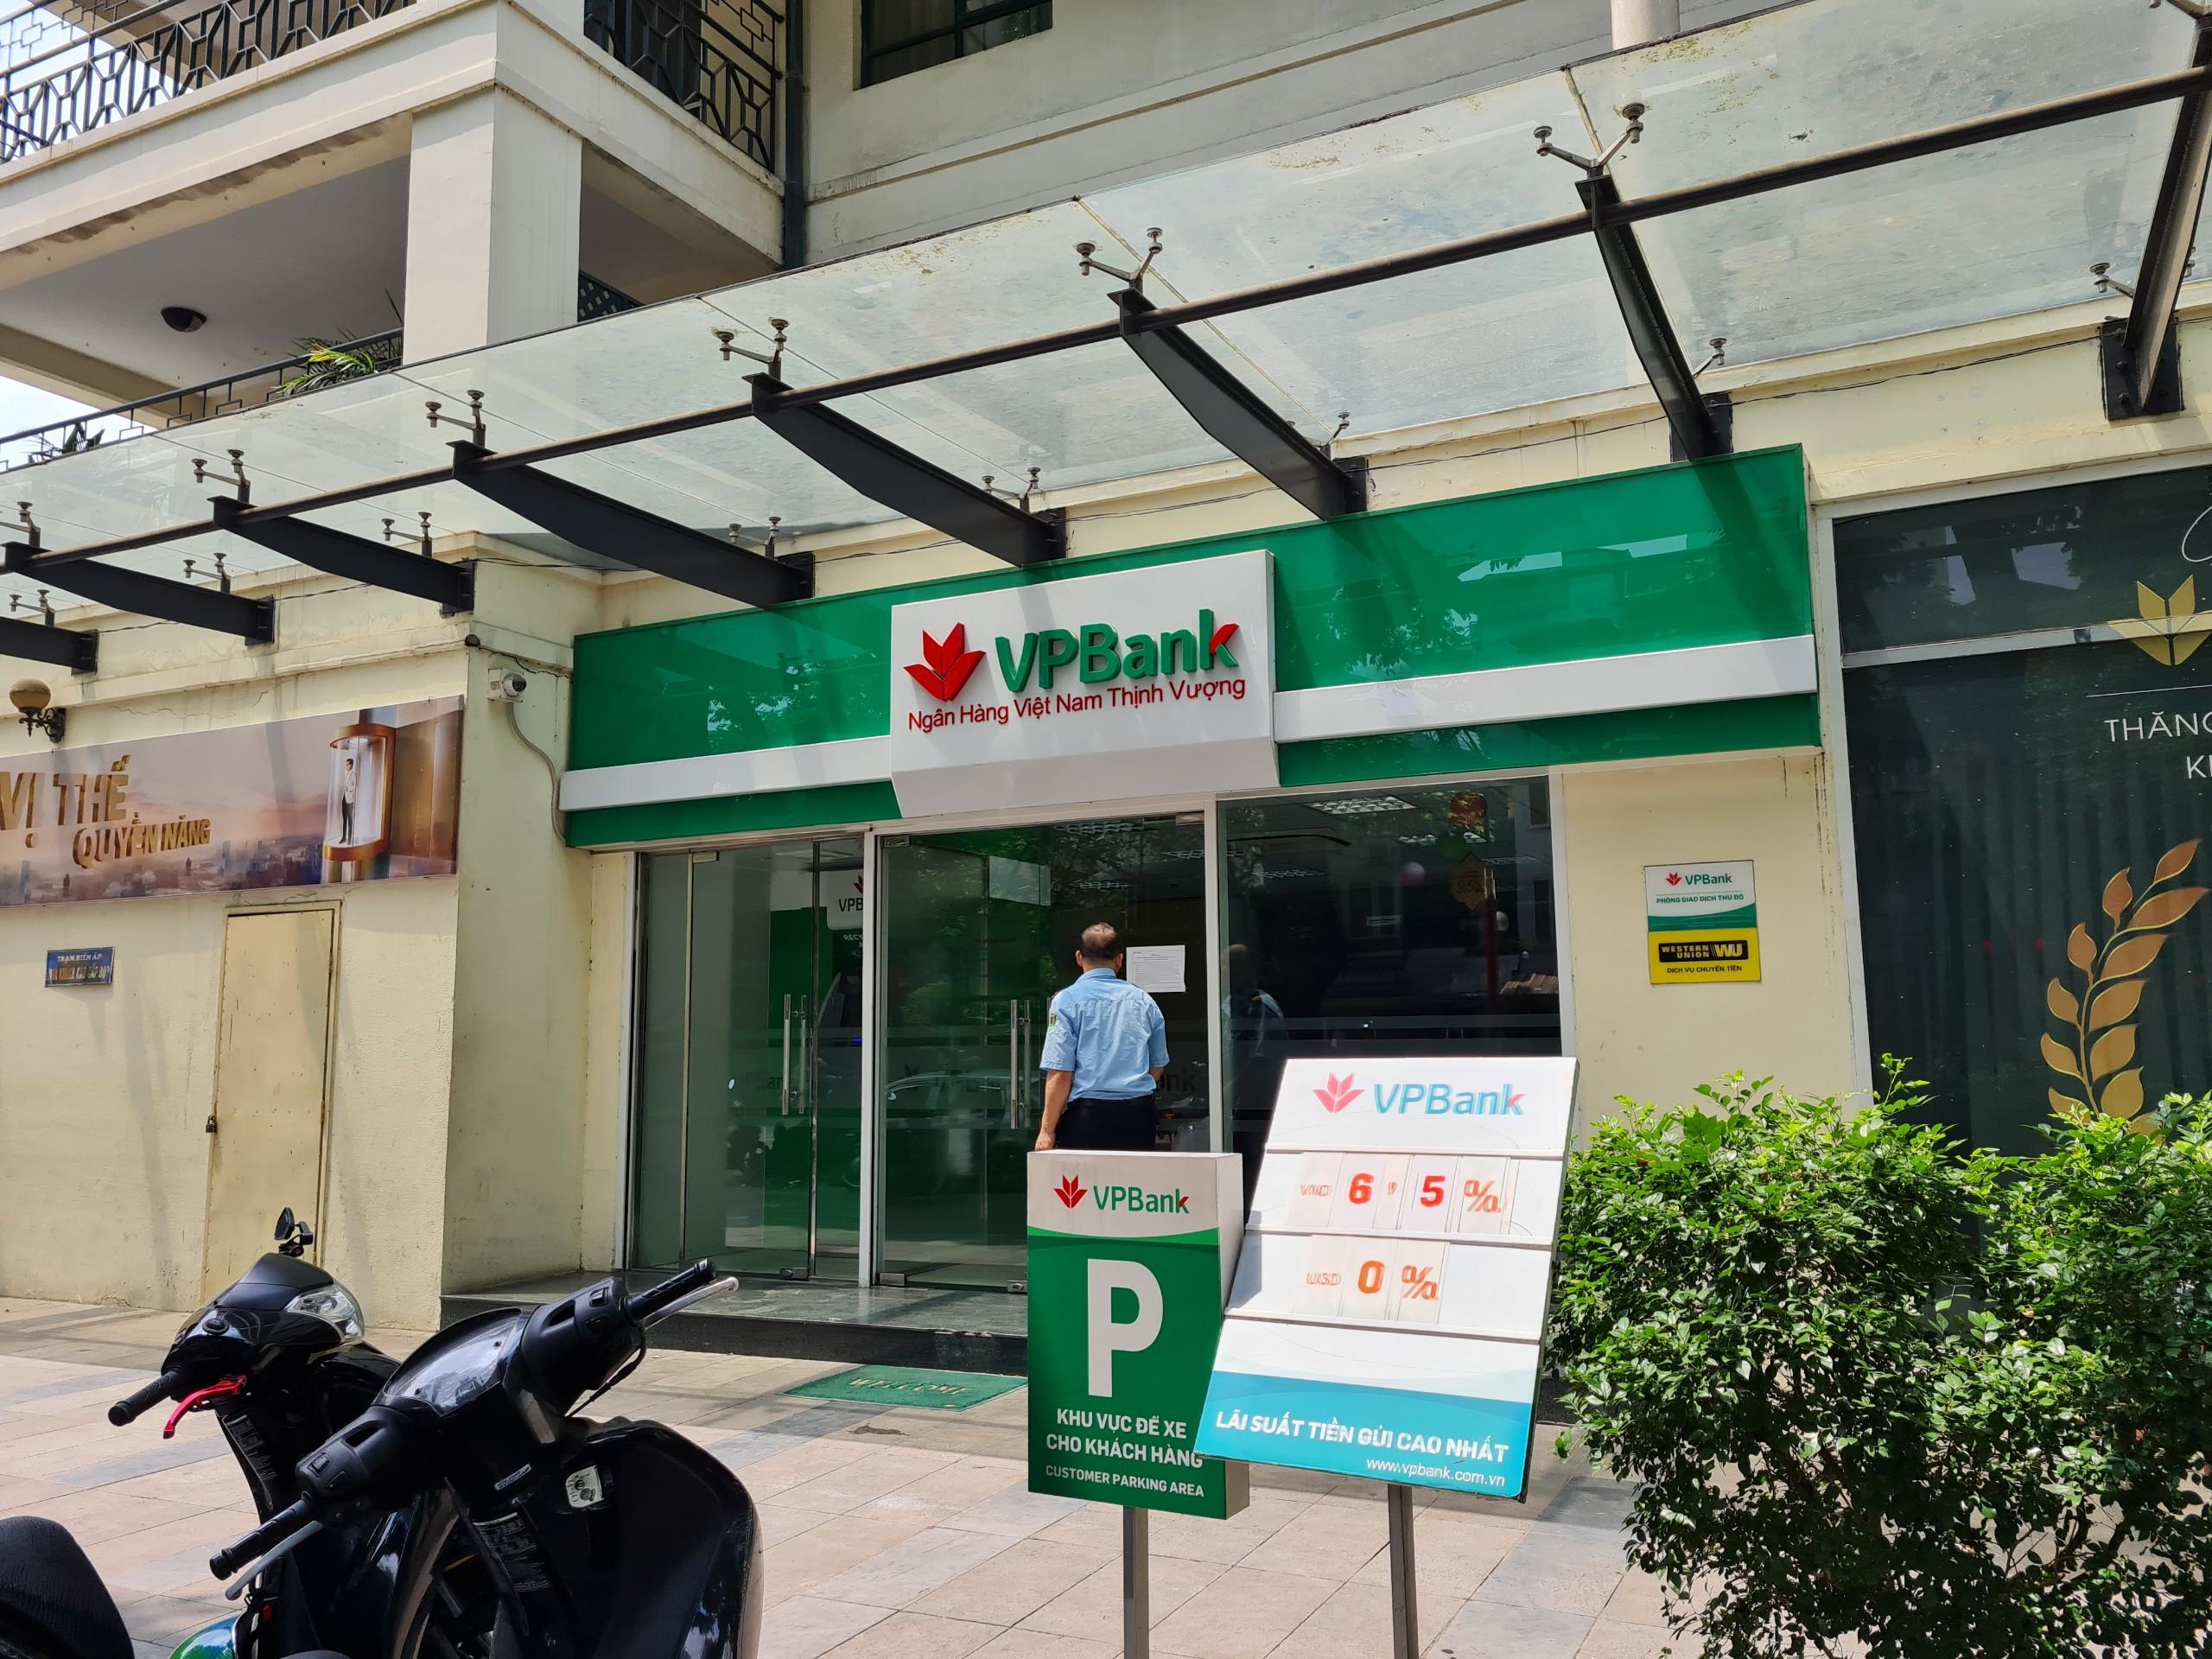 Cổ phiếu VPB tăng liên tiếp 3 tuần, vốn hóa VPBank áp sát BIDV, Techcombank - Ảnh 1.